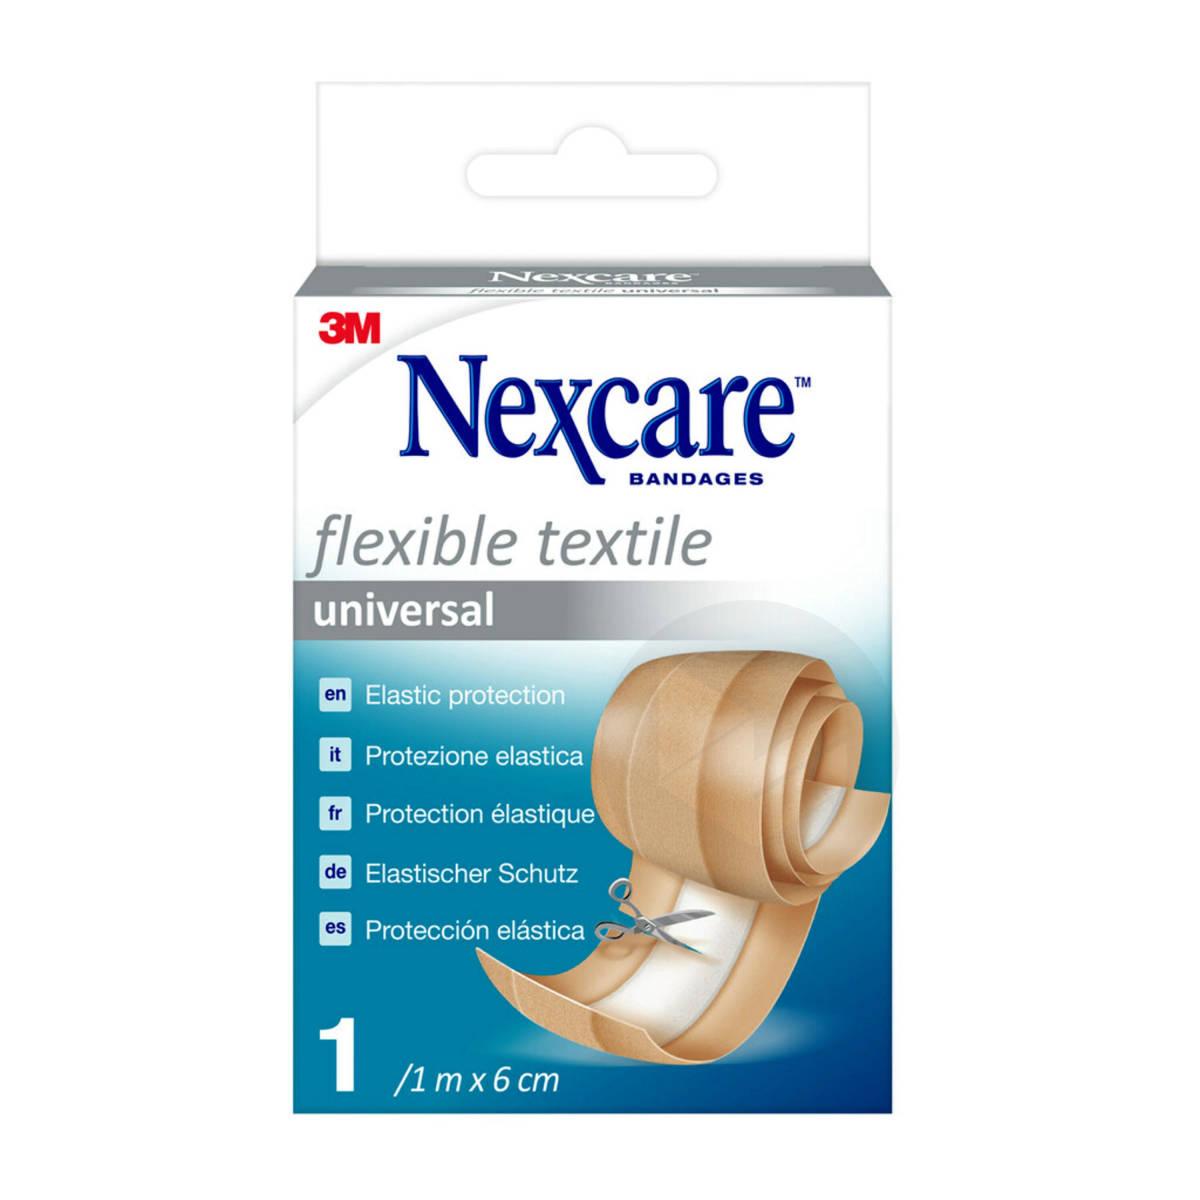 Pansement textile universel Nexcare Flexible, 1m x 6cm